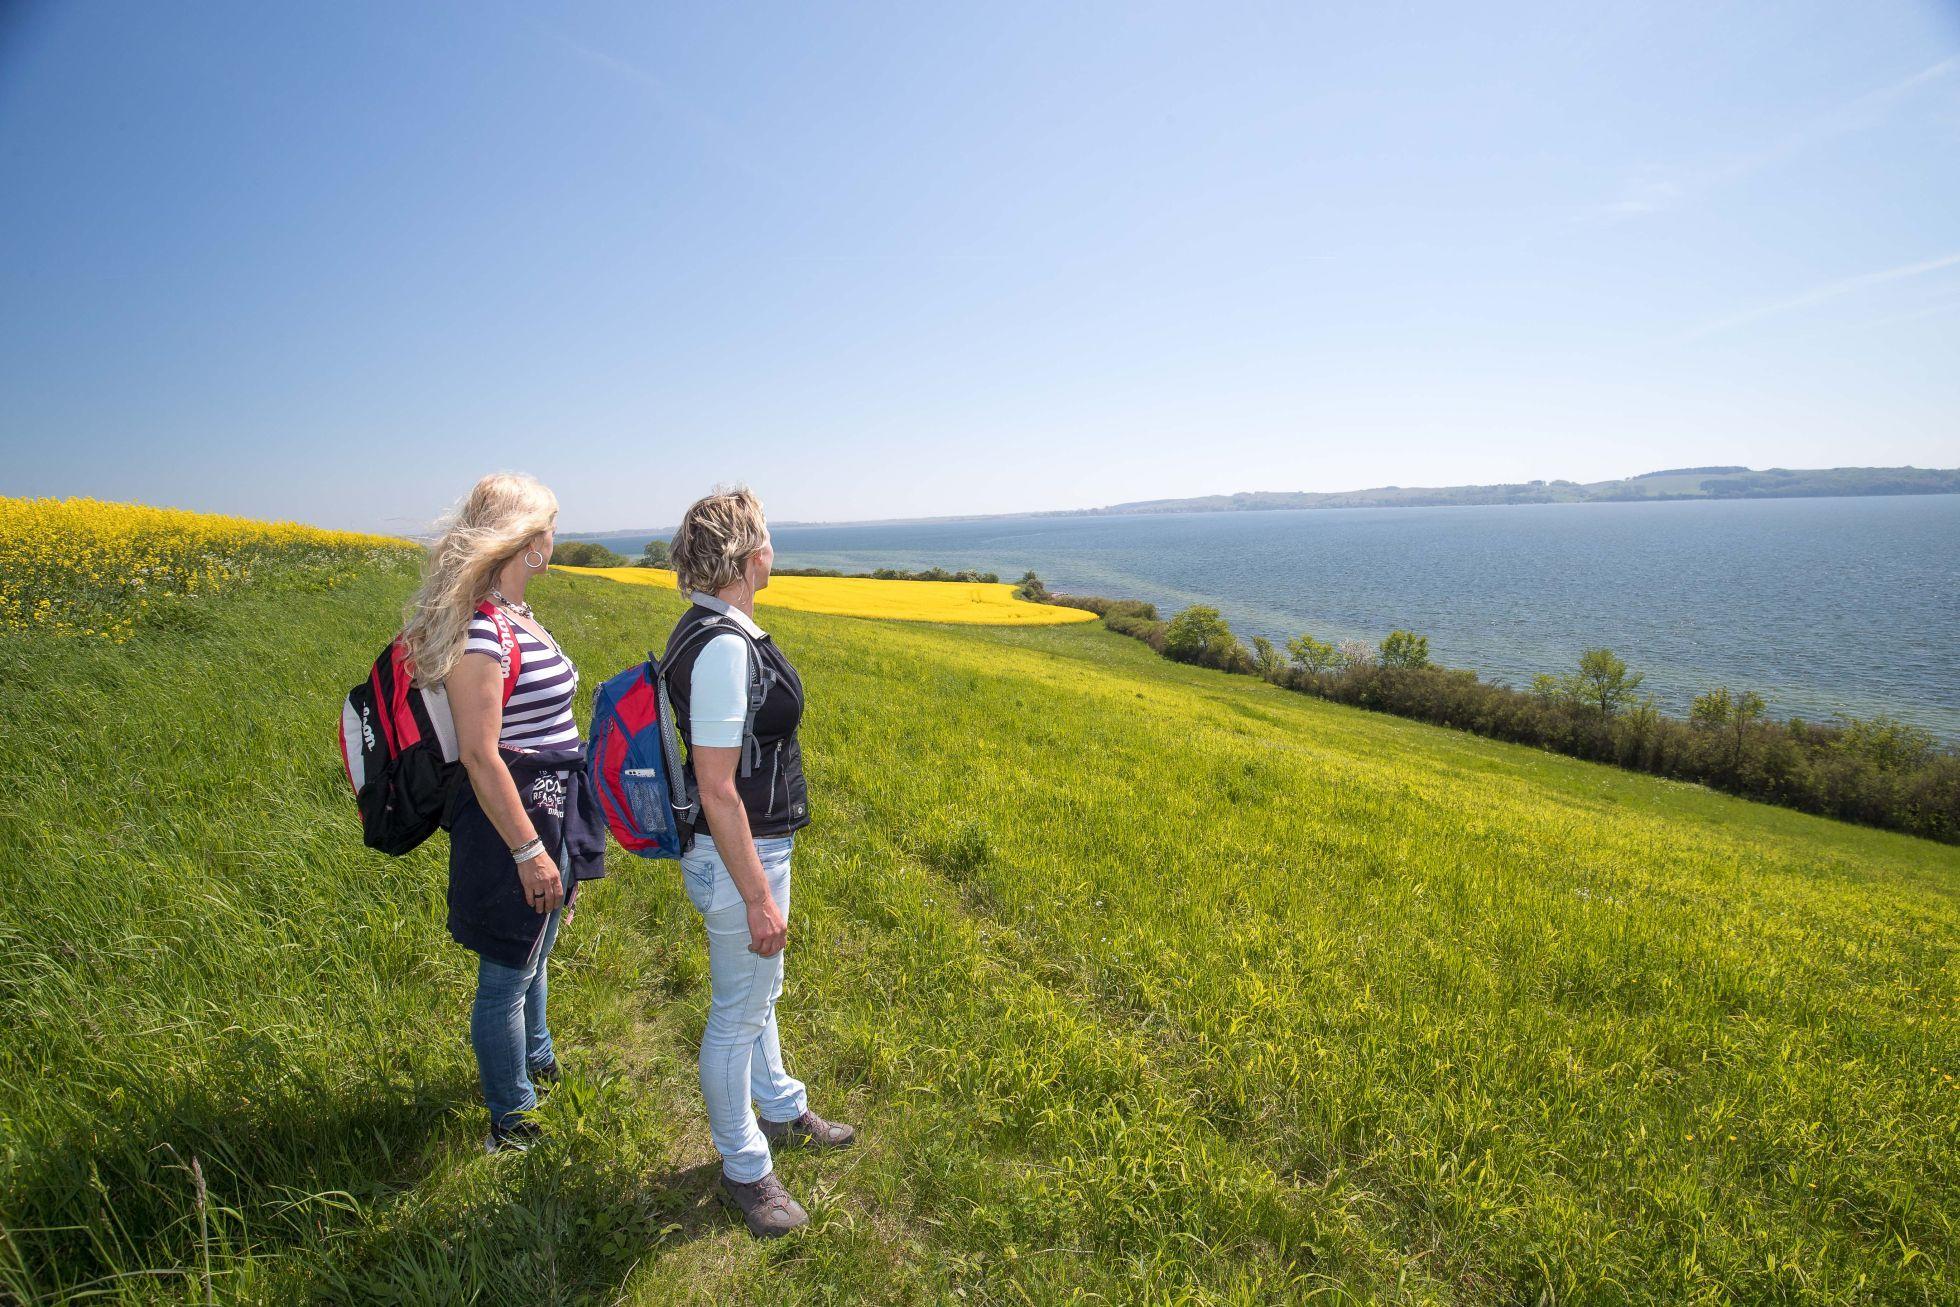 Goehren Wandern5 Spaziergänge